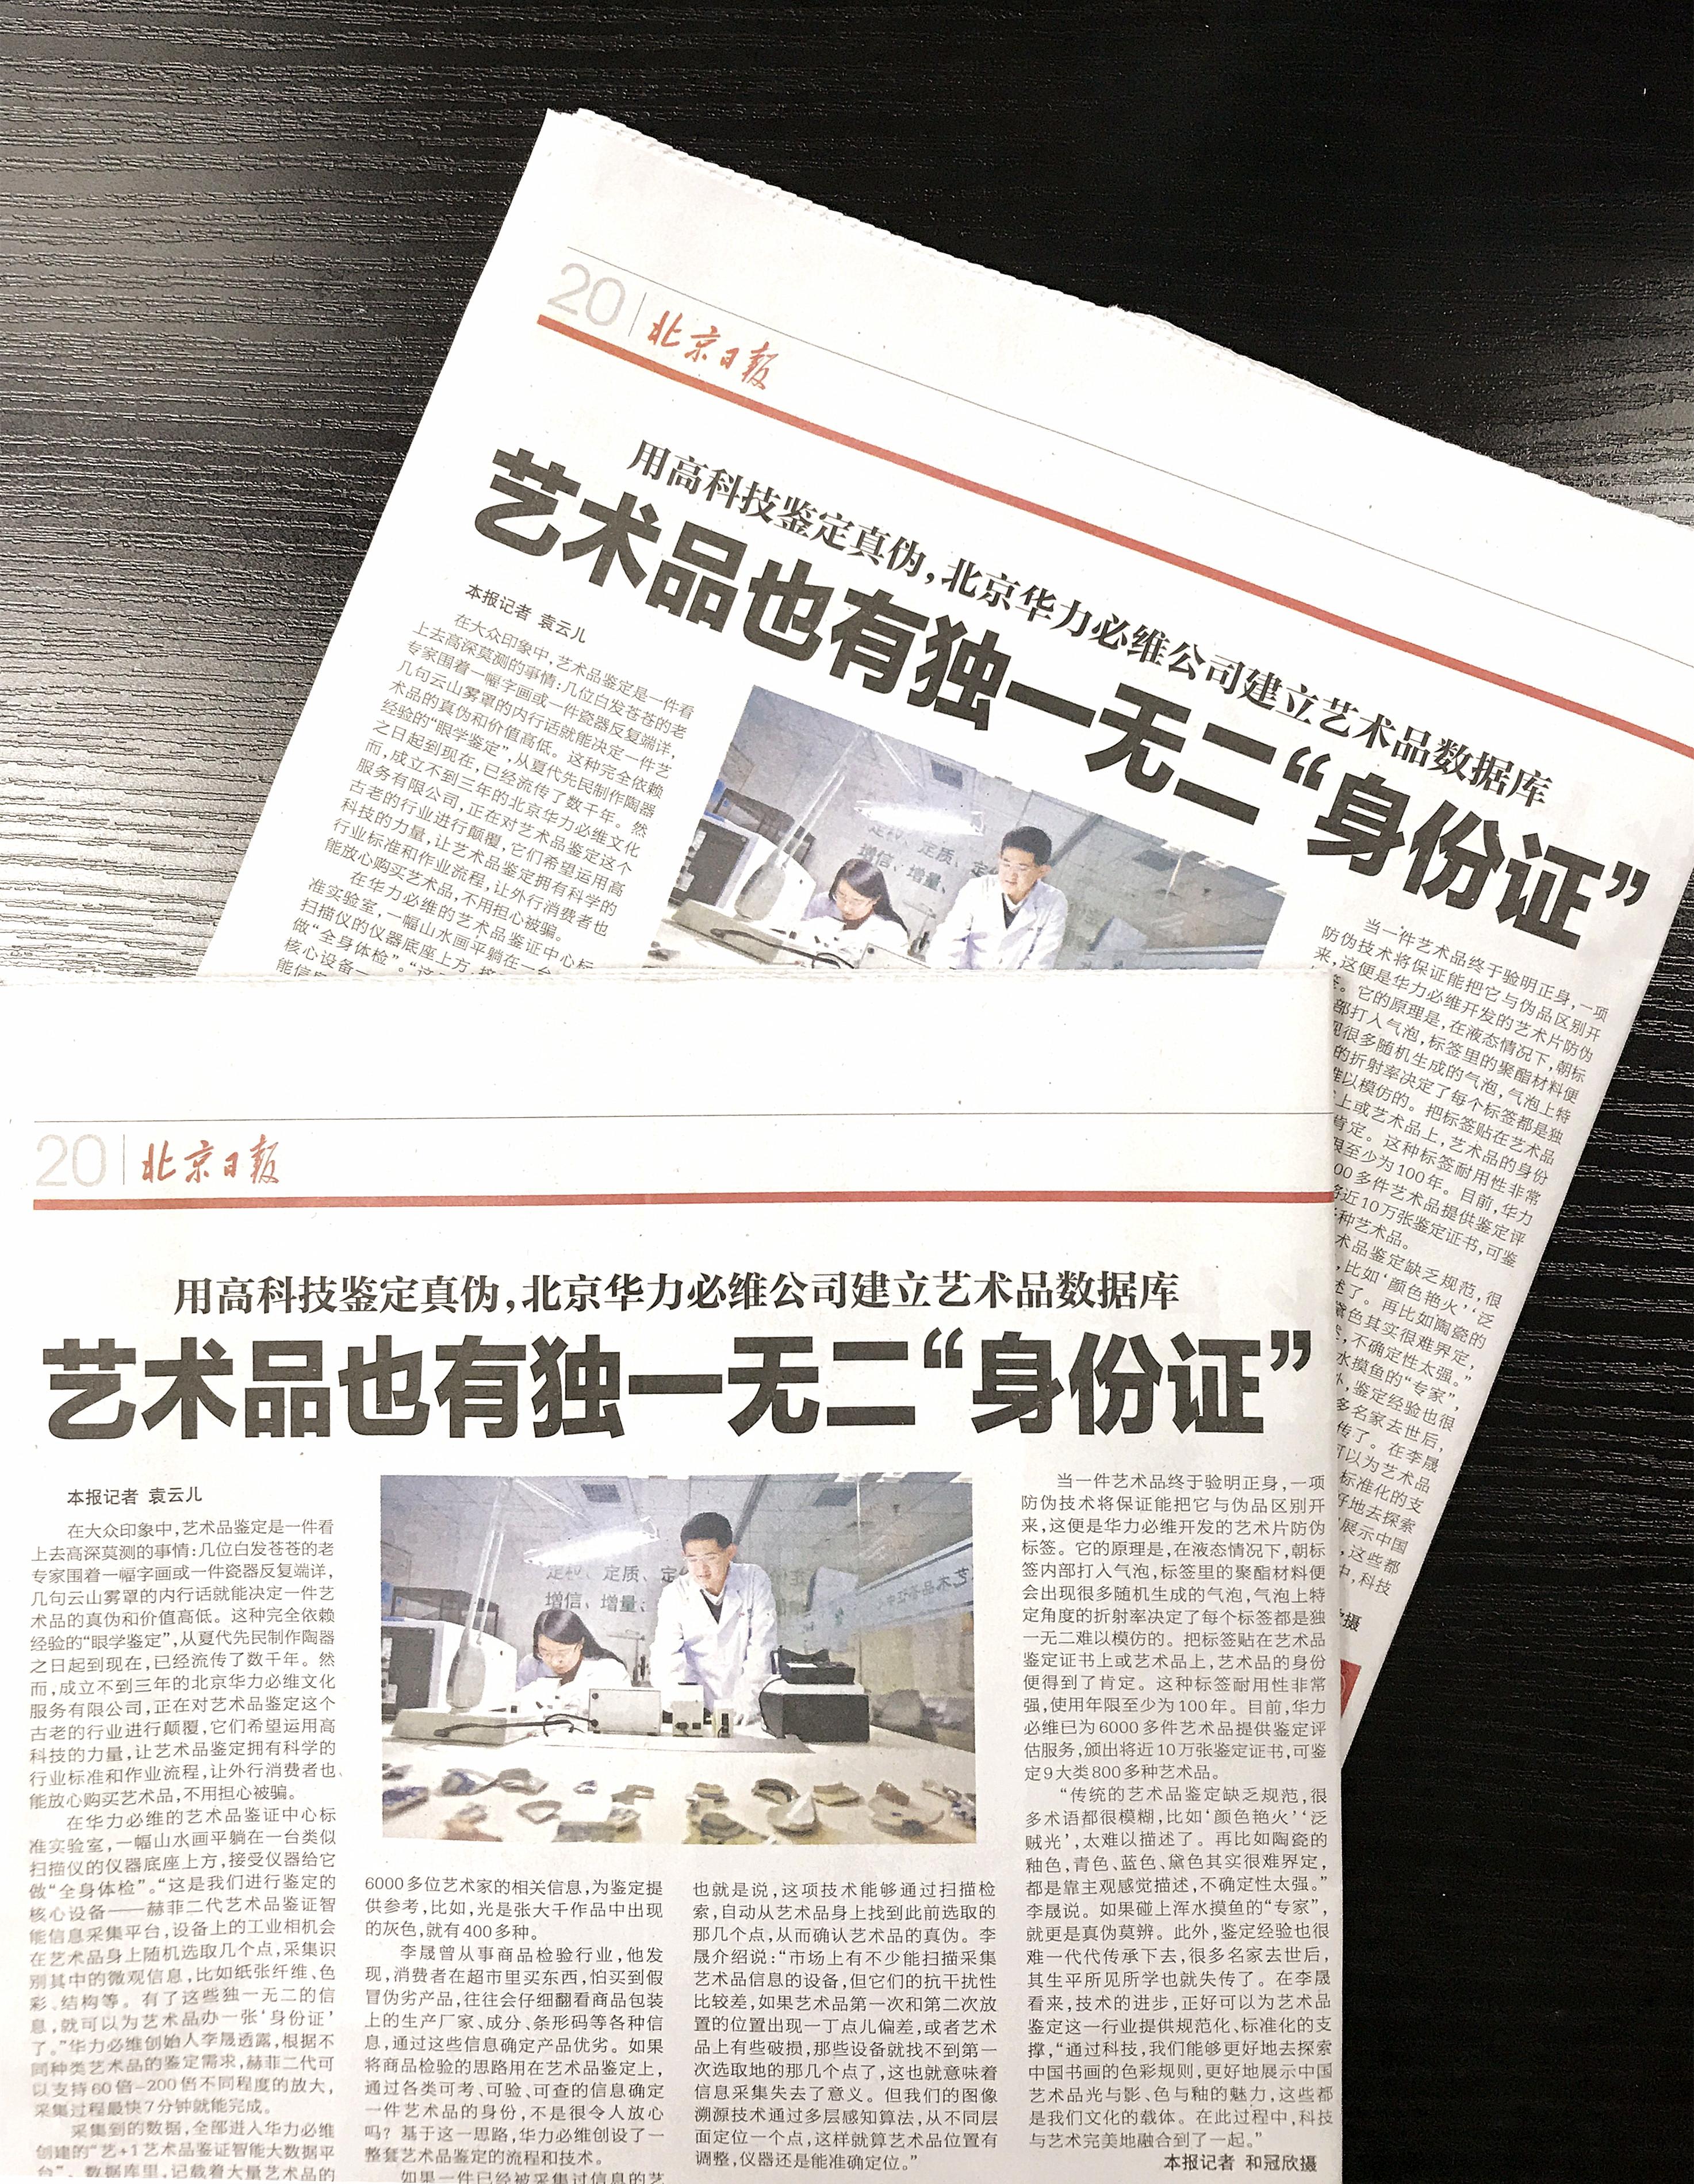 《北京日报》大幅报道:艺术品也有身份证